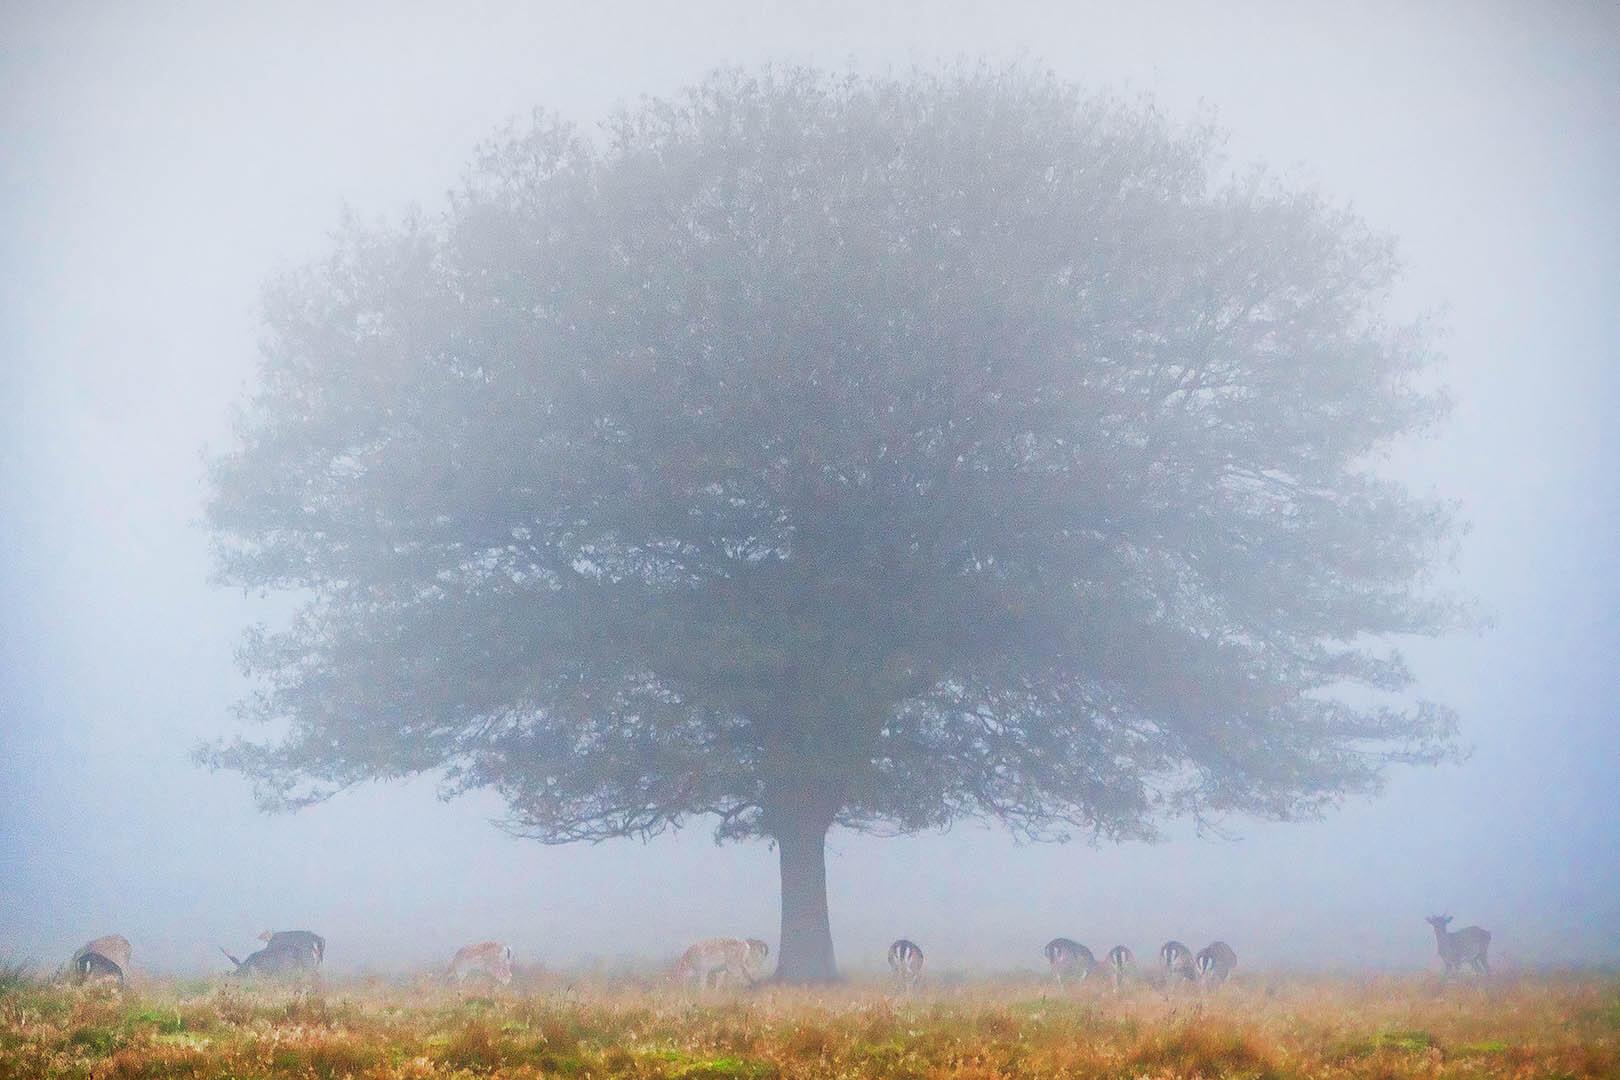 Tree in Fog and Deer